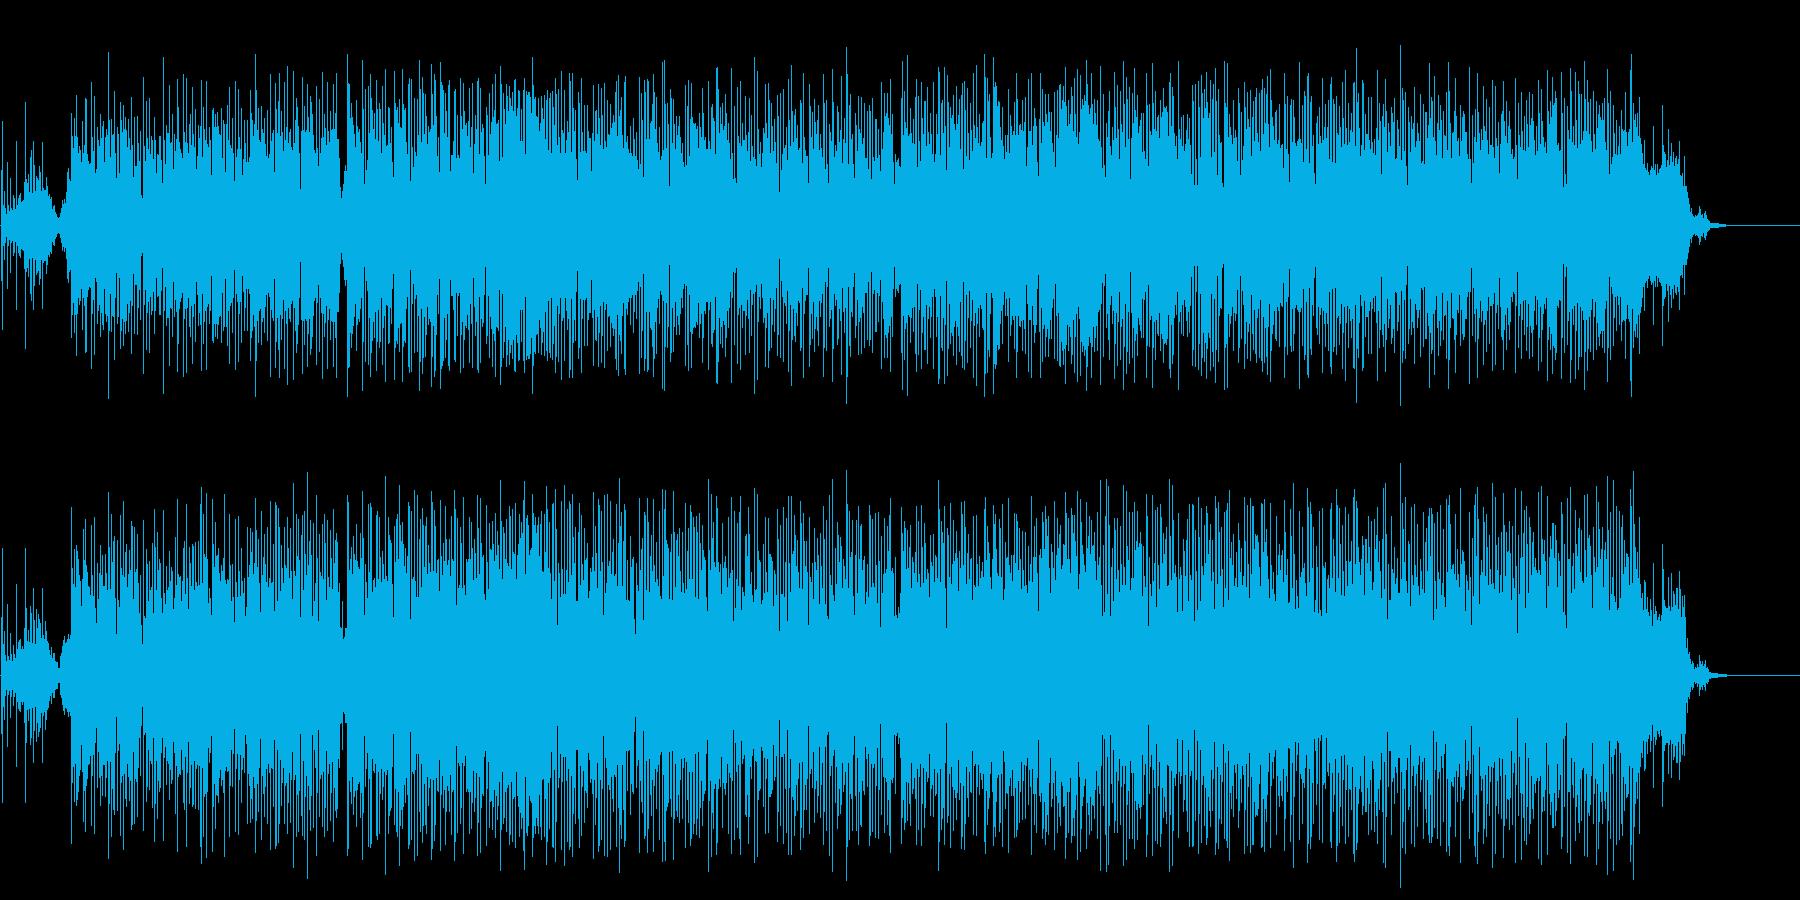 神秘的ムードが漂うオリエンタルなポップの再生済みの波形